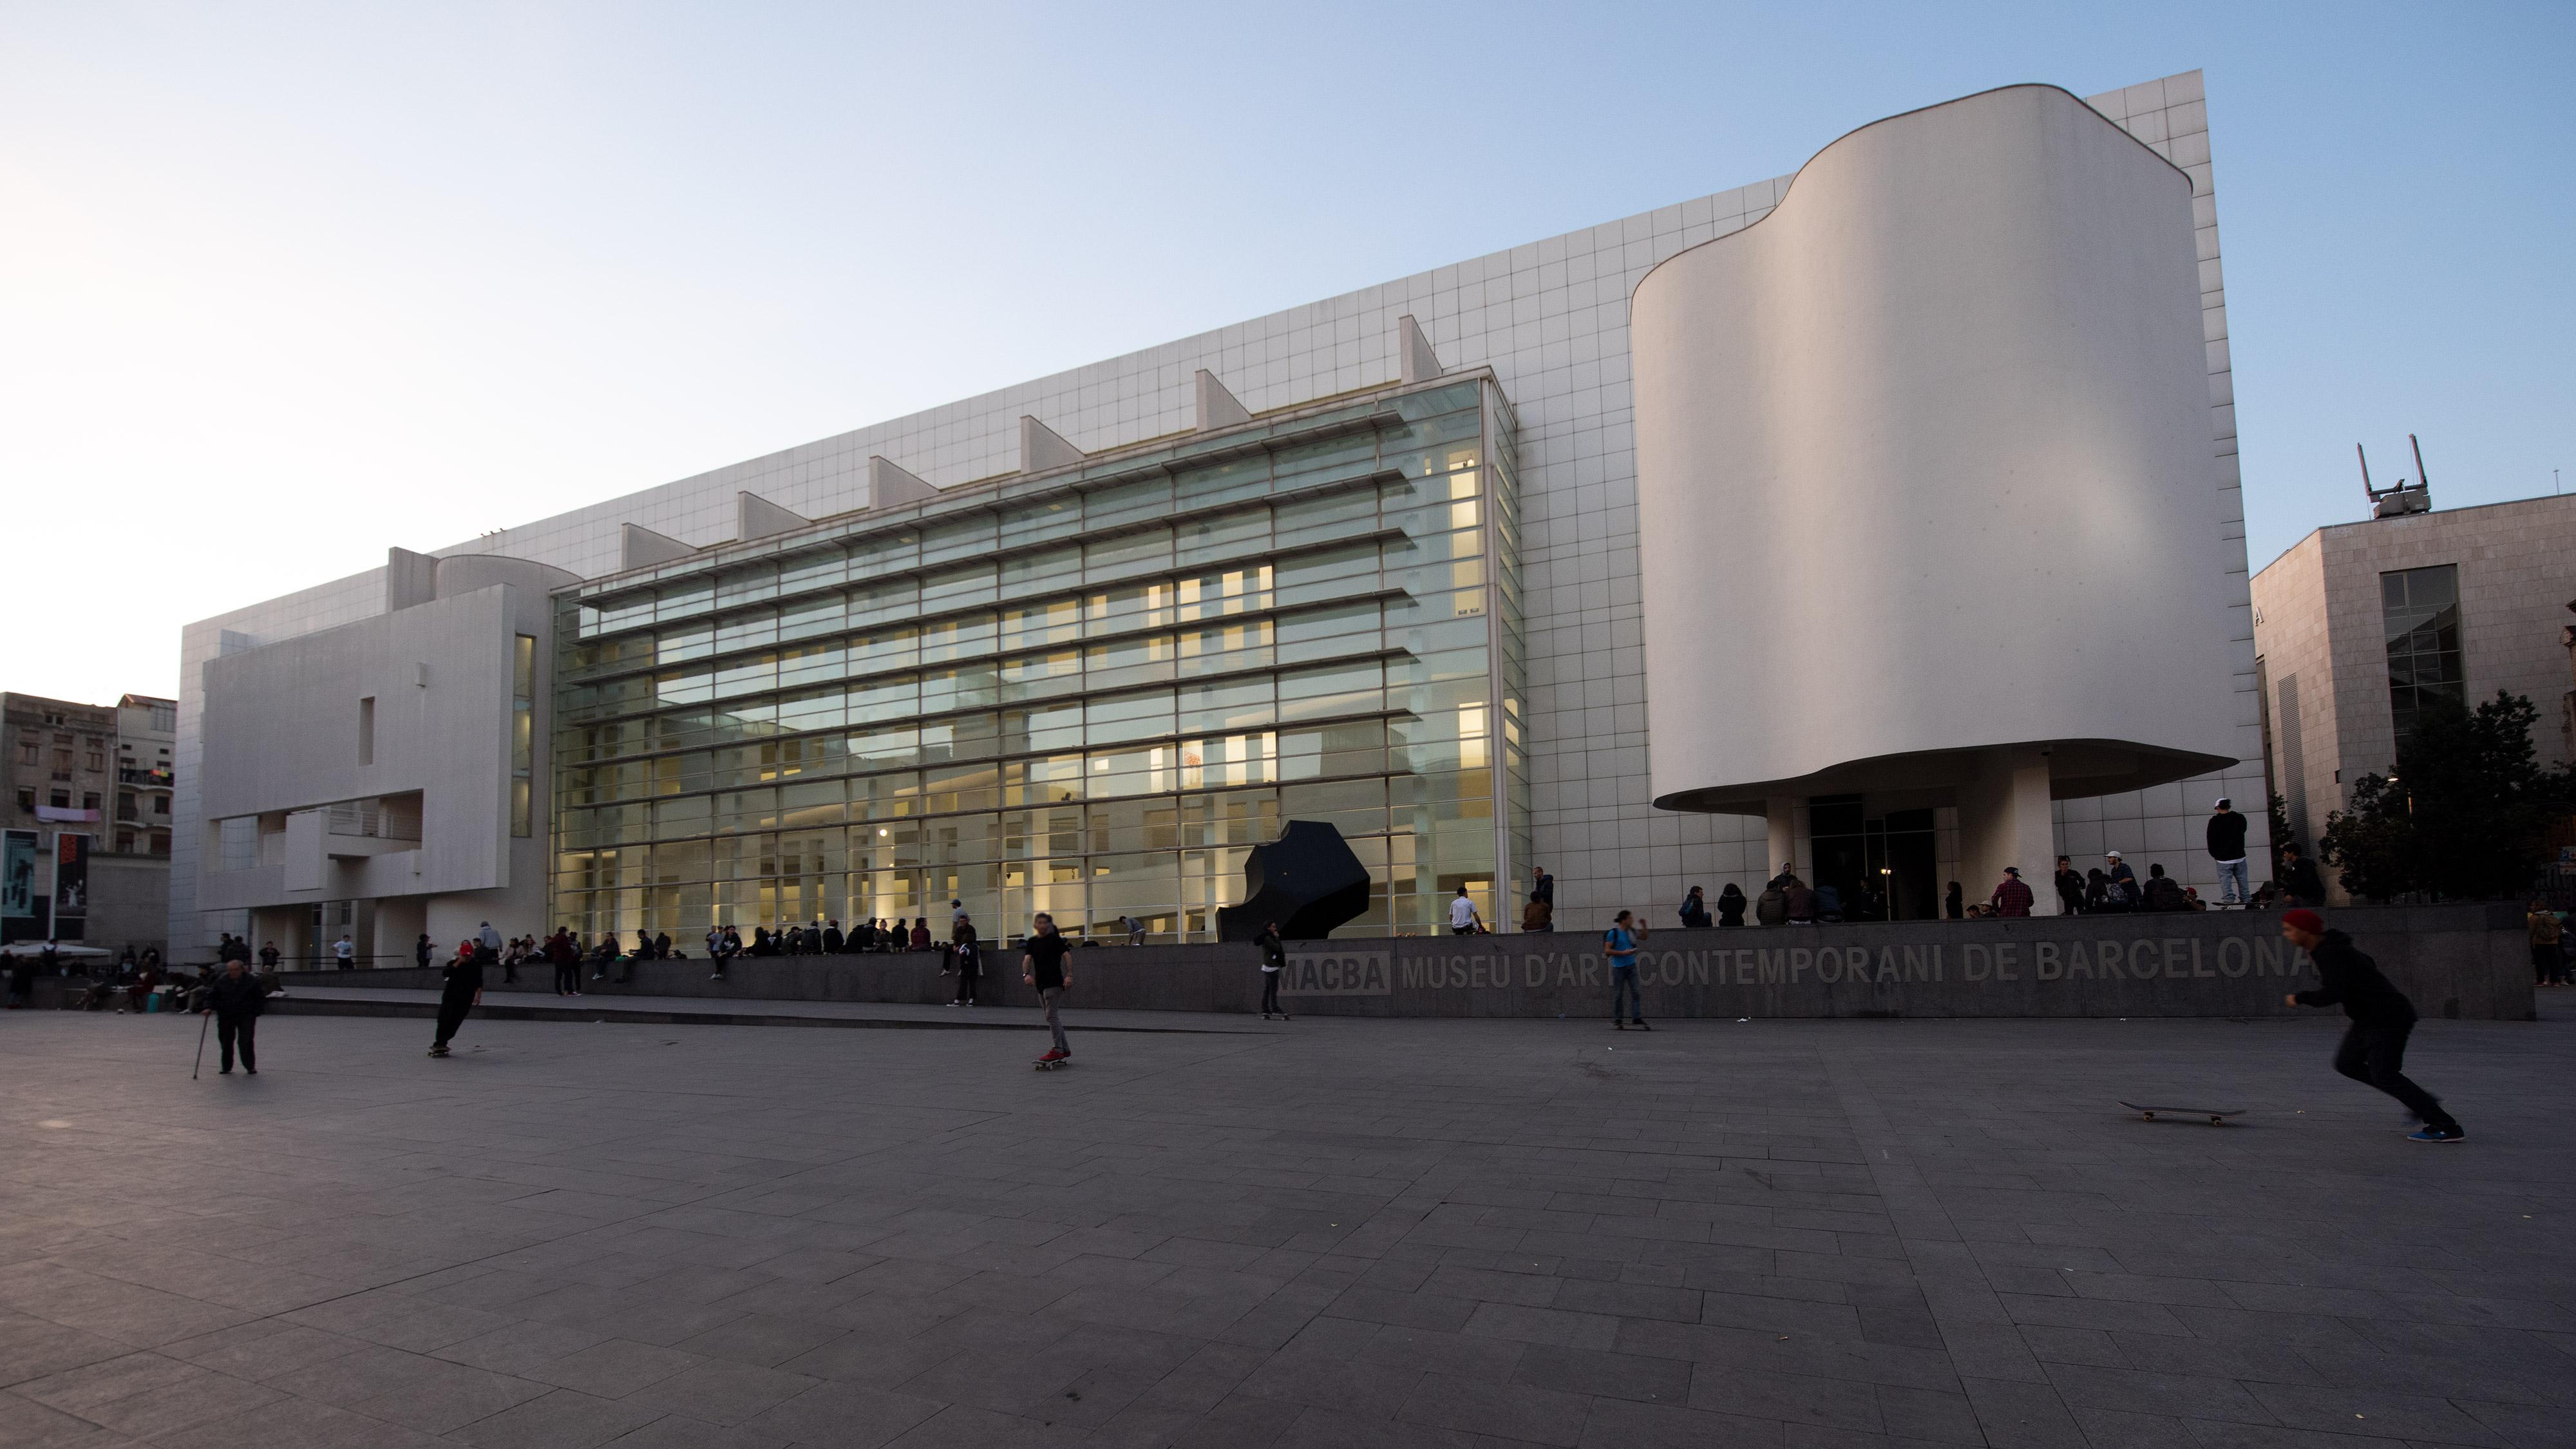 Barcelona Museum of Contemporary Art Exterior.jpg